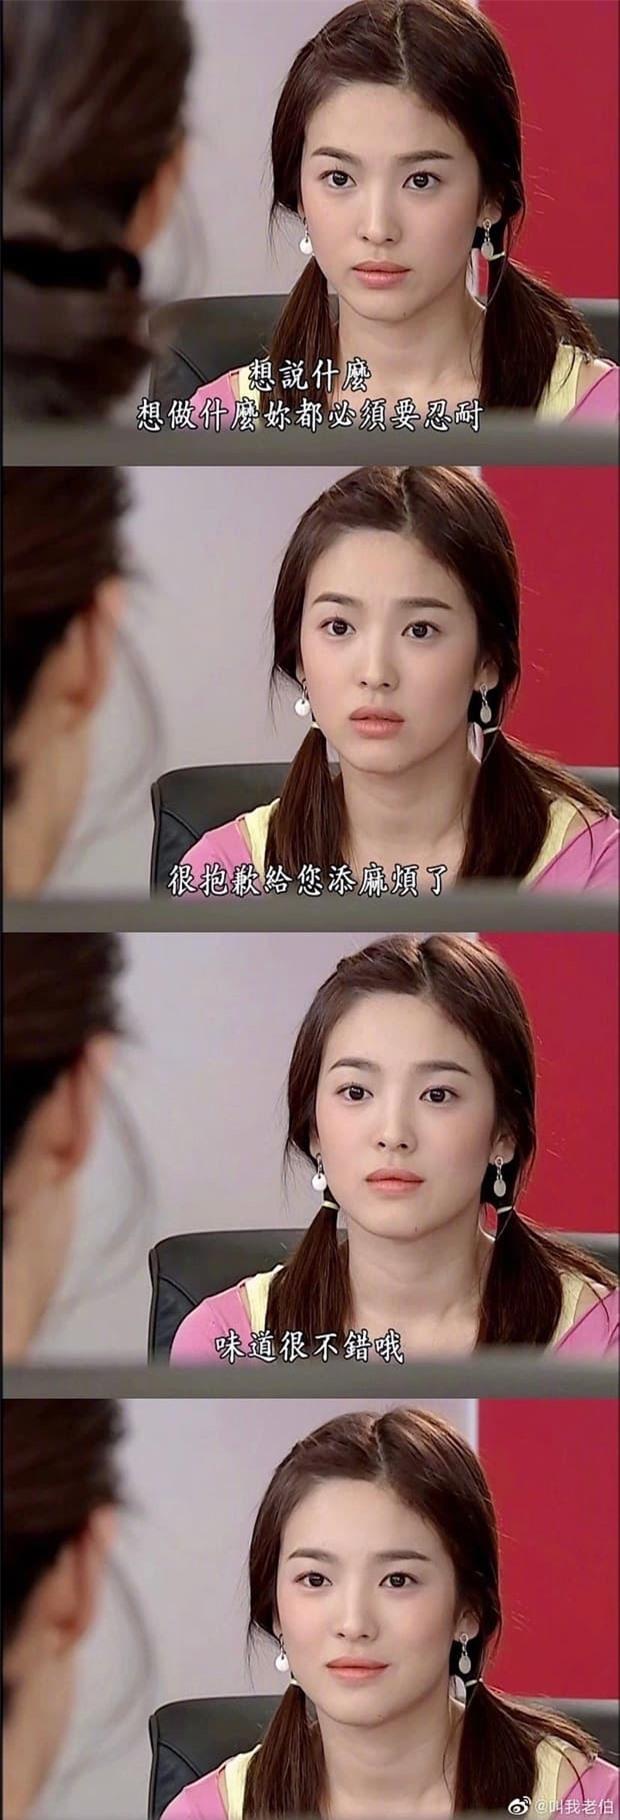 Ngắm lại vẻ đẹp 'sắc nước hương trời' của Song Hye Kyo thuở 'Full House' mới hiểu vì sao Hyun Bin, Song Joong Ki mê như điếu đổ 0